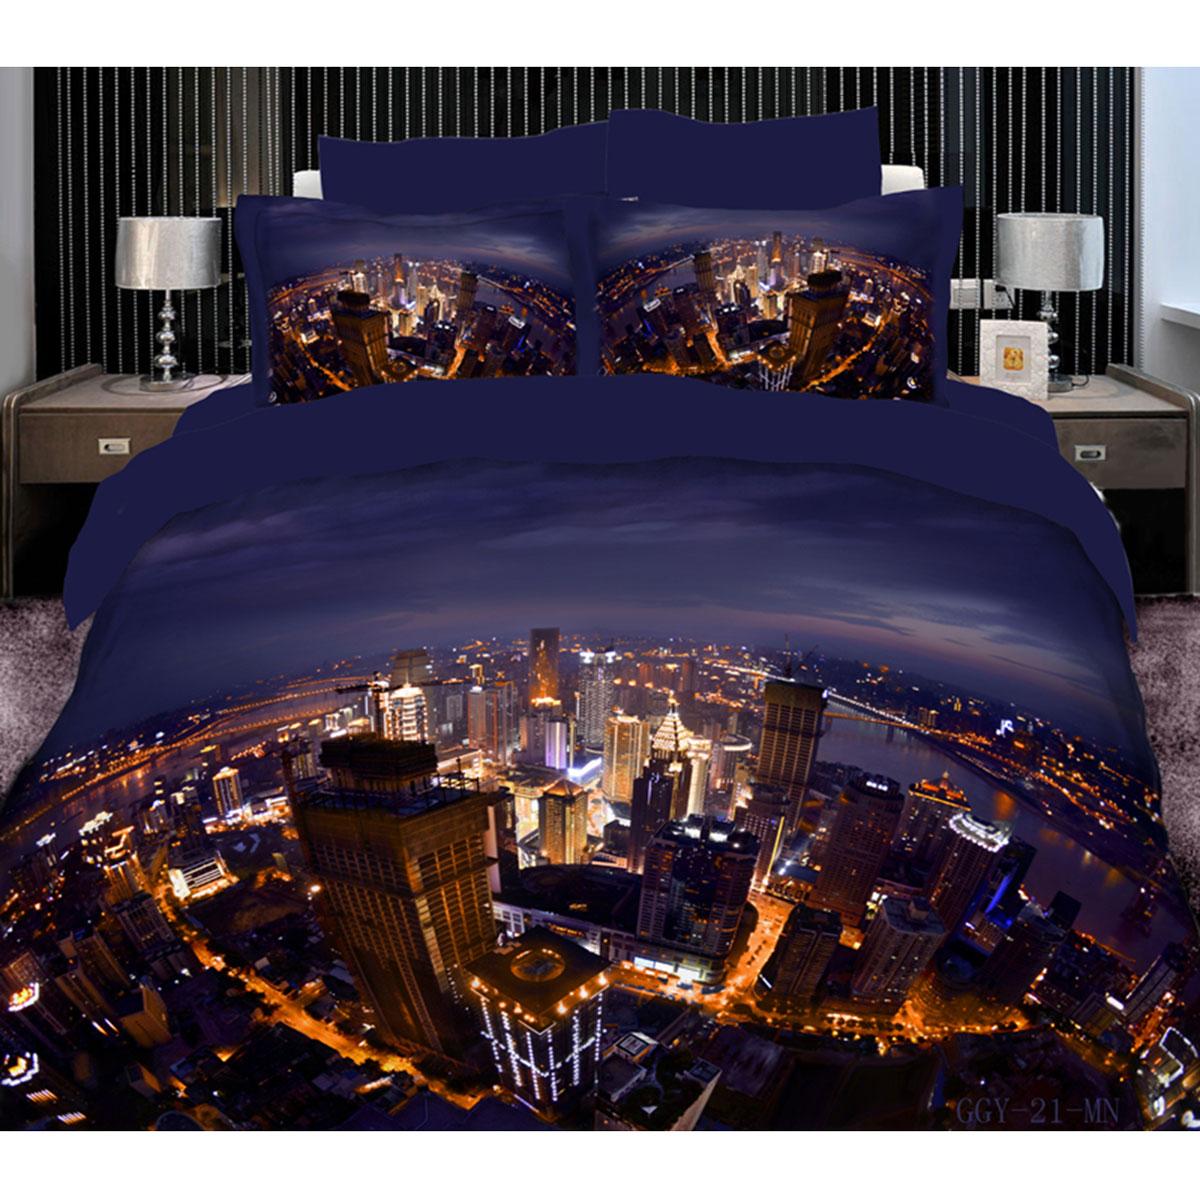 Постельное белье Коллекция Ночной город (Евро КПБ, сатин рамочный с эффектом 3D, наволочки 50х70)СР3Д2,5/8-21/50Комплект постельного белья Коллекция Ночной город, изготовленный из рамочного сатина, поможет вам расслабиться и подарит спокойный сон. Постельное белье, оформленное 3D-изображением ночного города, имеет изысканный внешний вид и обладает яркостью и сочностью цвета. Комплект состоит из пододеяльника на молнии, простыни и двух наволочек с ушами. Благодаря такому комплекту постельного белья вы сможете создать атмосферу уюта и комфорта в вашей спальне.Сатин производится из высших сортов хлопка, а своим блеском, легкостью и на ощупь напоминает шелк. Такая ткань рассчитана на 200 стирок и более. Постельное белье из сатина превращает жаркие летние ночи в прохладные и освежающие, а холодные зимние - в теплые и согревающие. Благодаря натуральному хлопку, комплект постельного белья из сатина приобретает способность пропускать воздух, давая возможность телу дышать. Одно из преимуществ материала в том, что он практически не мнется и ваша спальня всегда будет аккуратной и нарядной. Характеристики: Страна: Россия. Материал: сатин (100% хлопок). Размер упаковки: 35 см х 30 см х 8 см. В комплект входят: Пододеяльник - 1 шт. Размер: 200 см х 220 см. Простыня - 1 шт. Размер: 240 см х 240 см. Наволочка с ушами - 2 шт. Размер: 50 см х 70 см. Высокие свойства белья торговой марки Коллекция основаны на умелом использовании вековых традиций и современных технологий производства и обработки тканей. Качество исходных материалов, внимание к деталям отделки, отличный пошив, воплощение новейших тенденций мировой моды позволяют постельному белью гармонично влиться в современное жизненное пространство и подарить ощущения удовольствия и комфорта. УВАЖАЕМЫЕ КЛИЕНТЫ! Обращаем ваше внимание, на тот факт, что изображенный на фотографии комплект постельного белья служит для демонстрации целого комплекта. Производитель оставляет за собой право без предупреждения изменять расцветку наволочек (